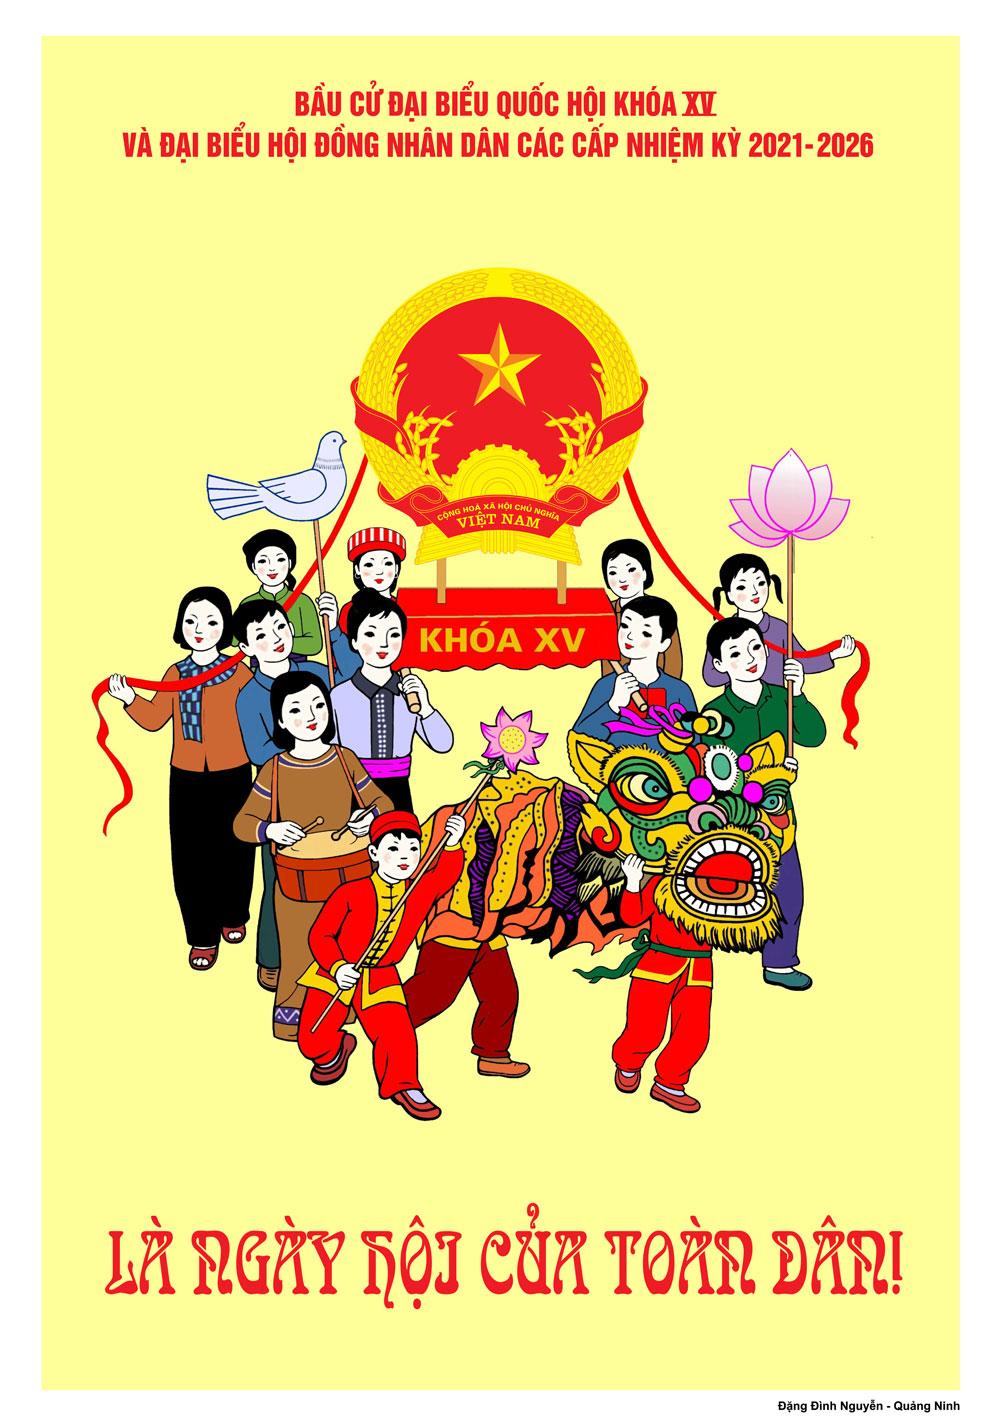 ngày bầu cử Quốc hội, Hội nghị non sông, nhà thơ Xuân Diệu, Cách mạng Tháng Tám, Việt Nam Dân chủ Cộng hòa